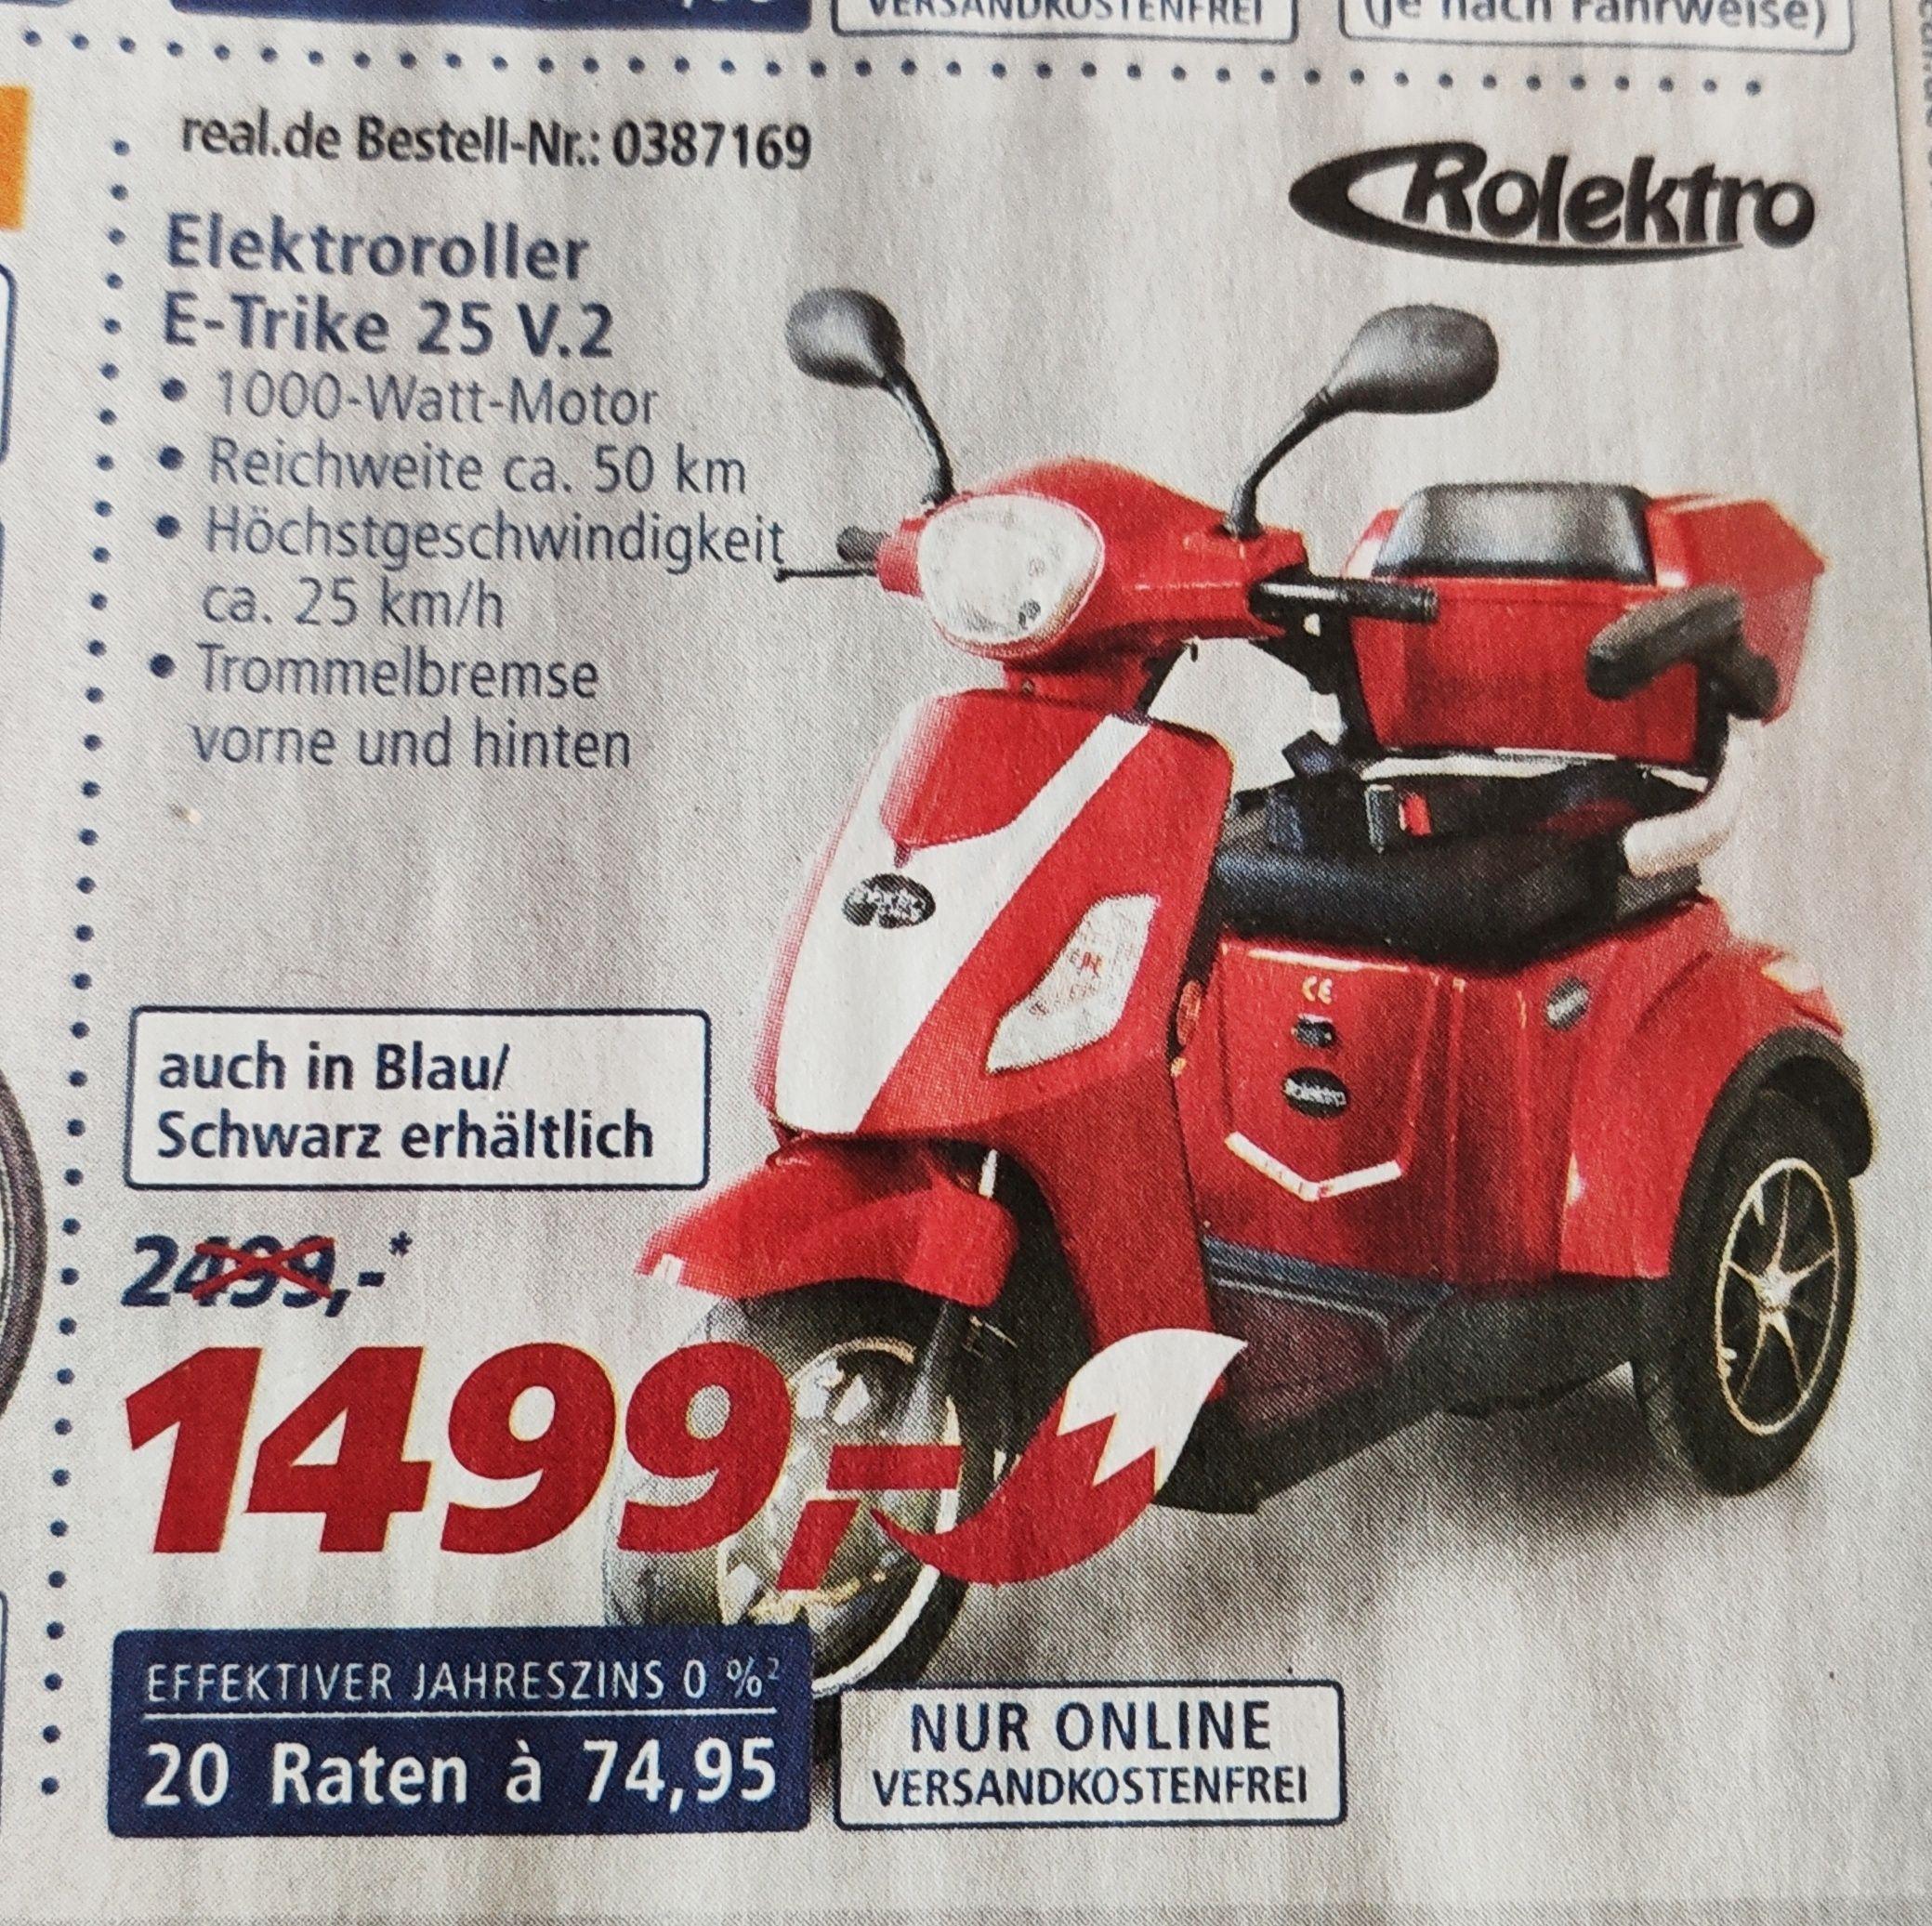 Rolektro E-Trike 25 V.2rot  bei Real ohne Versandkosten